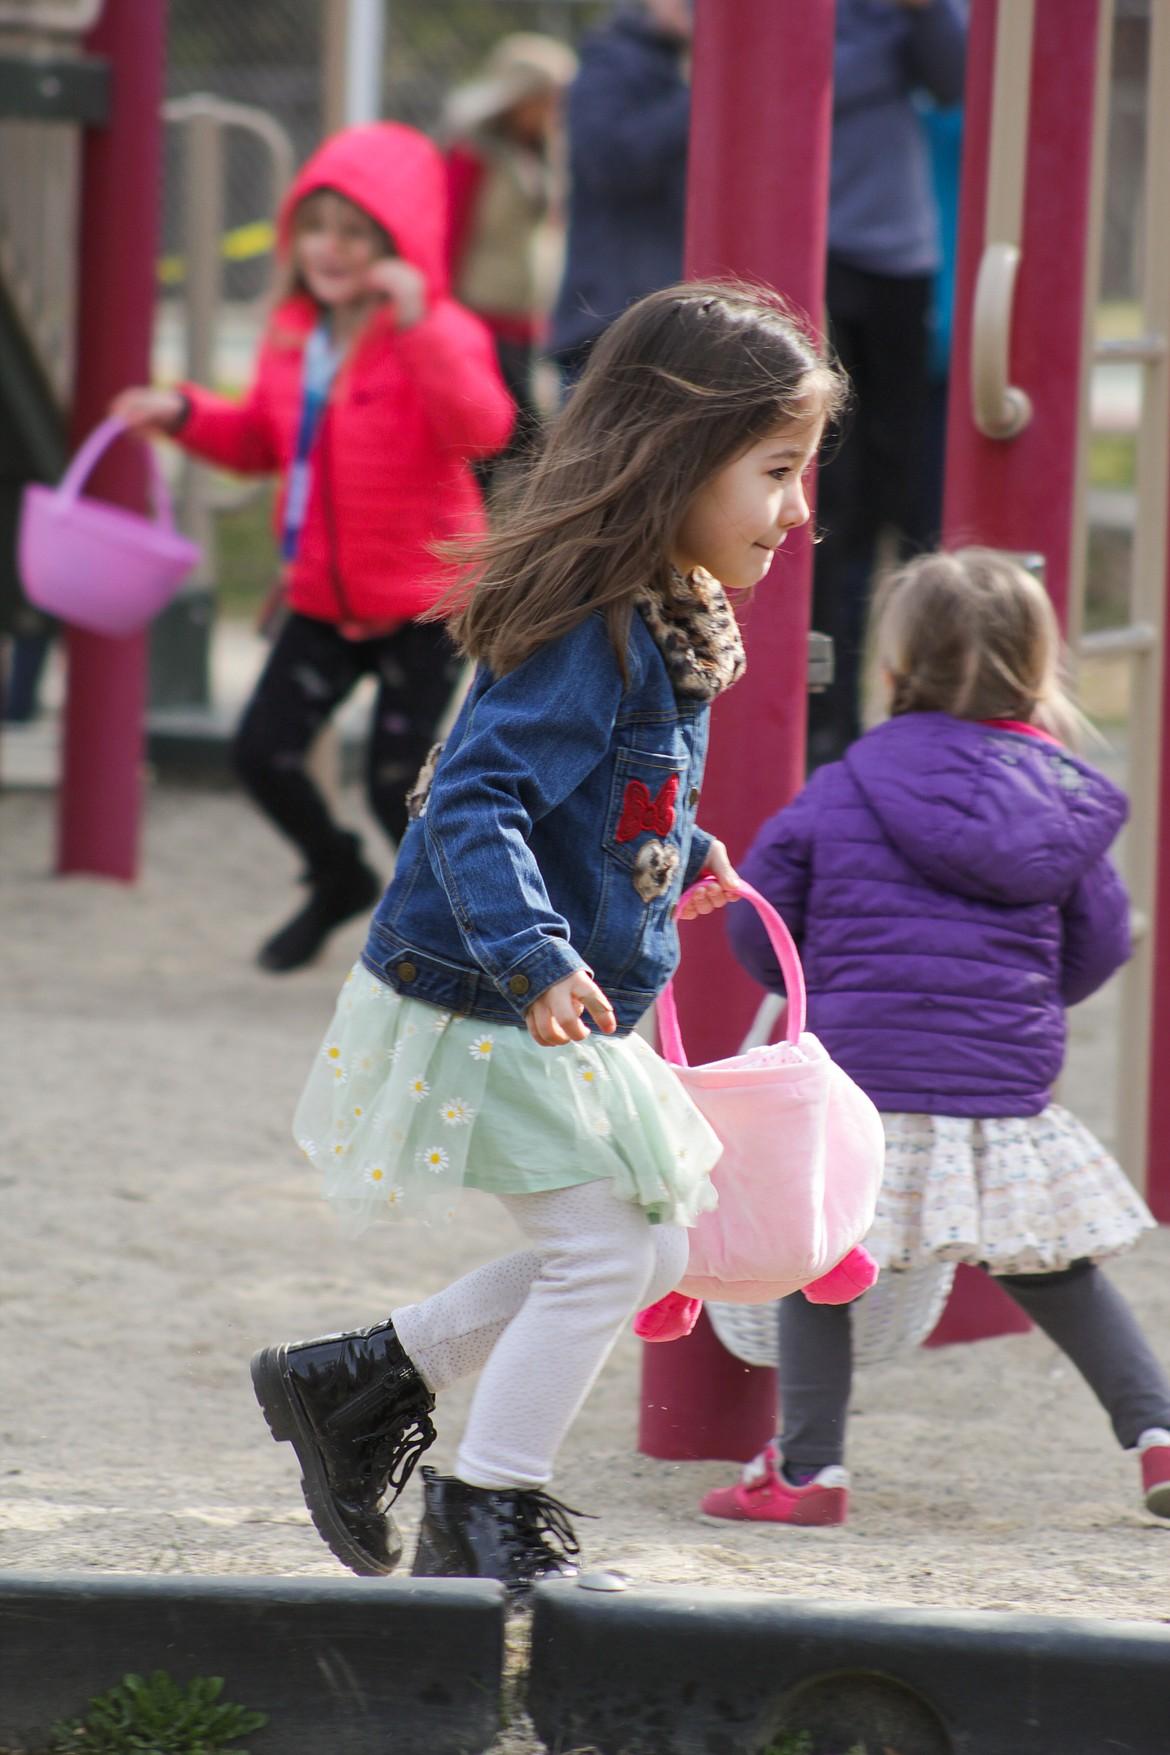 A girl runs to pick up an egg.